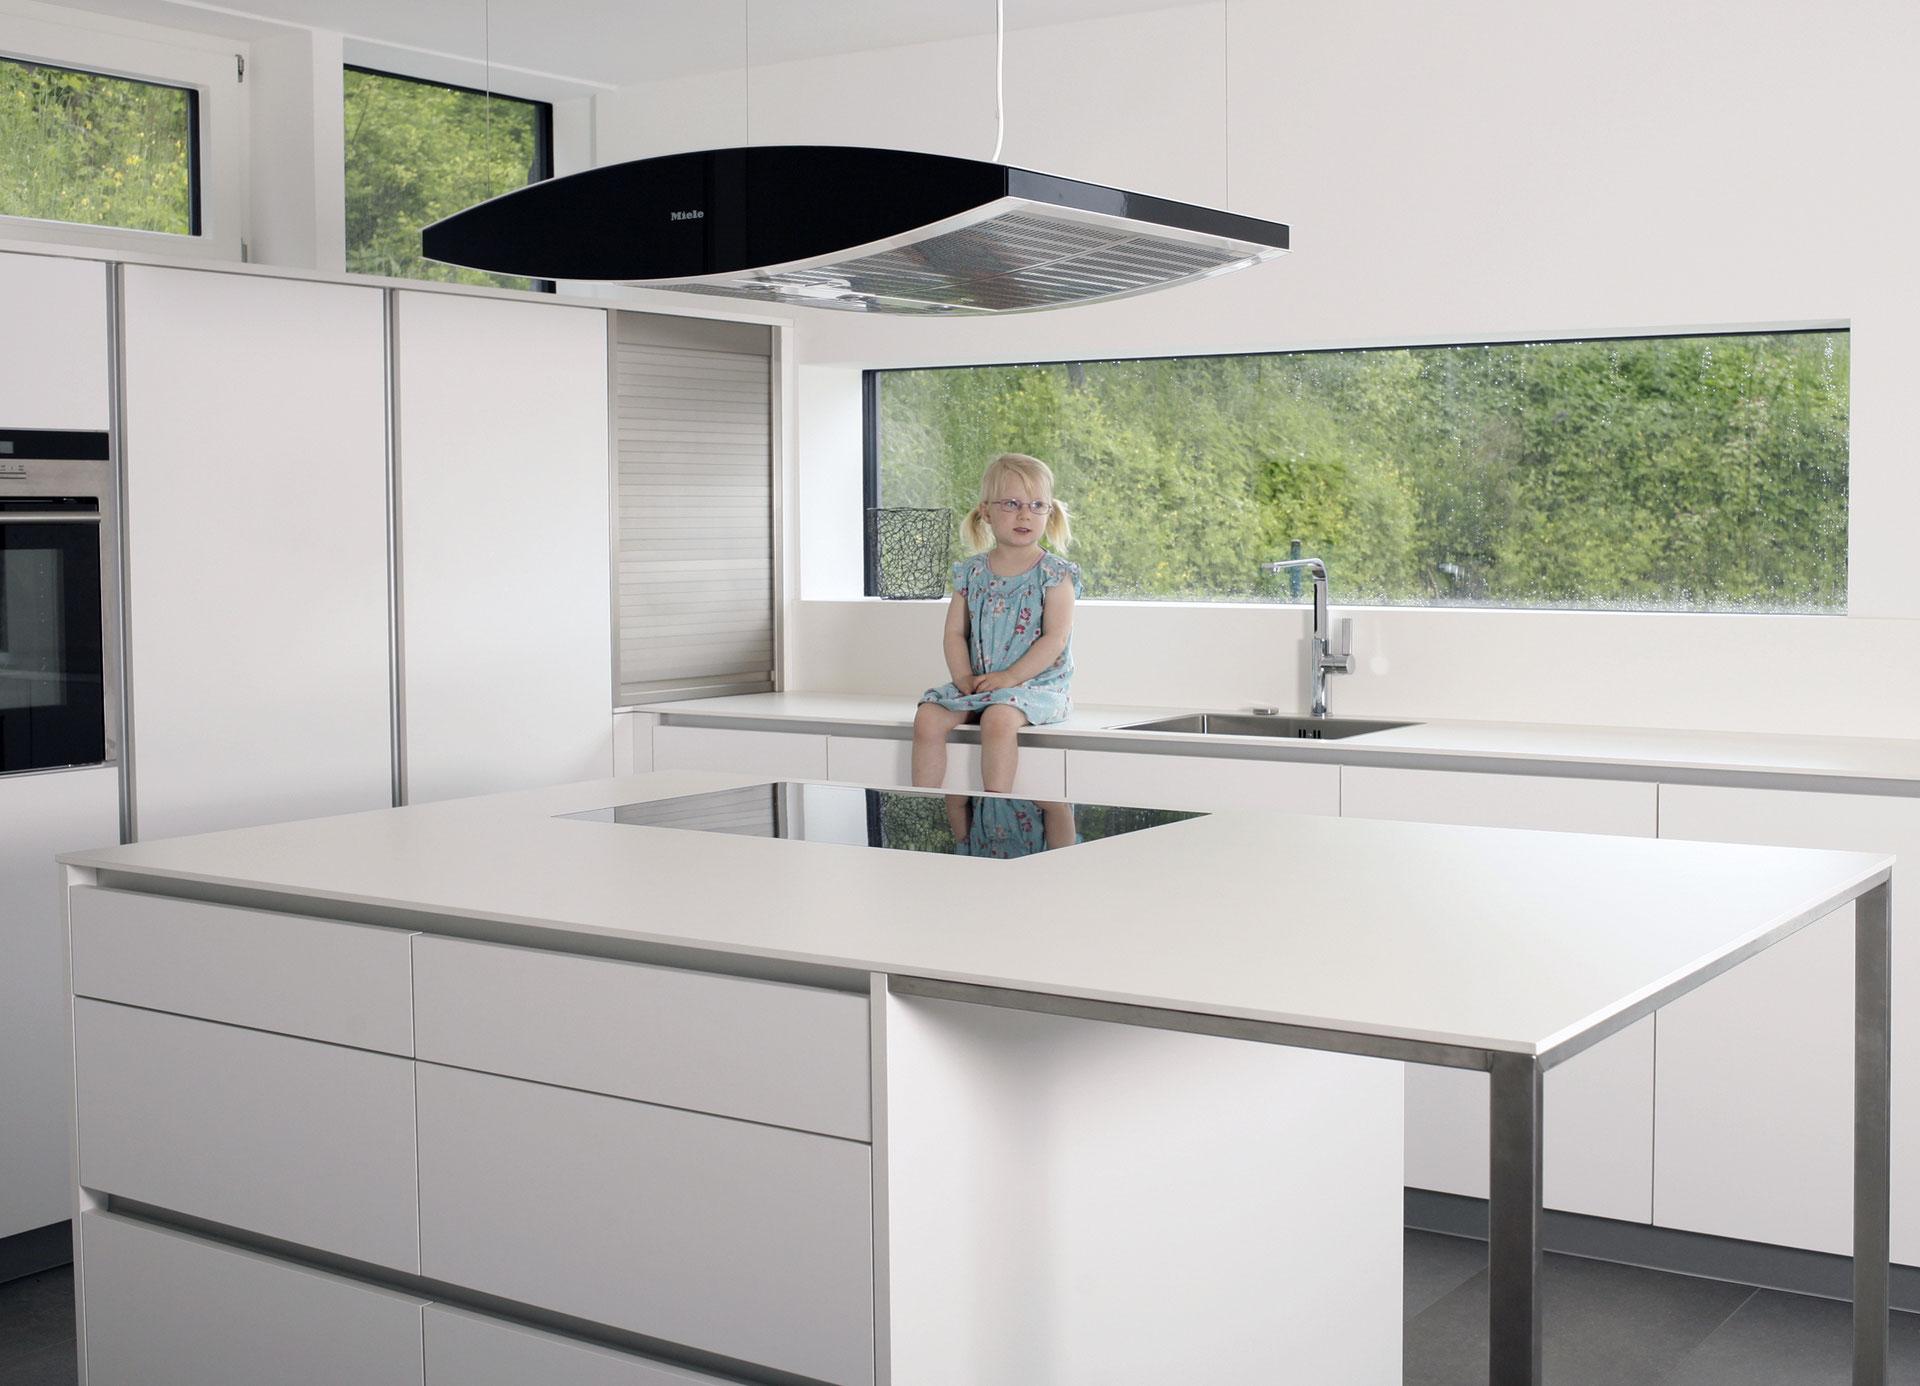 Best Küchen Eckschrank Maße Gallery - Milbank.us - milbank.us